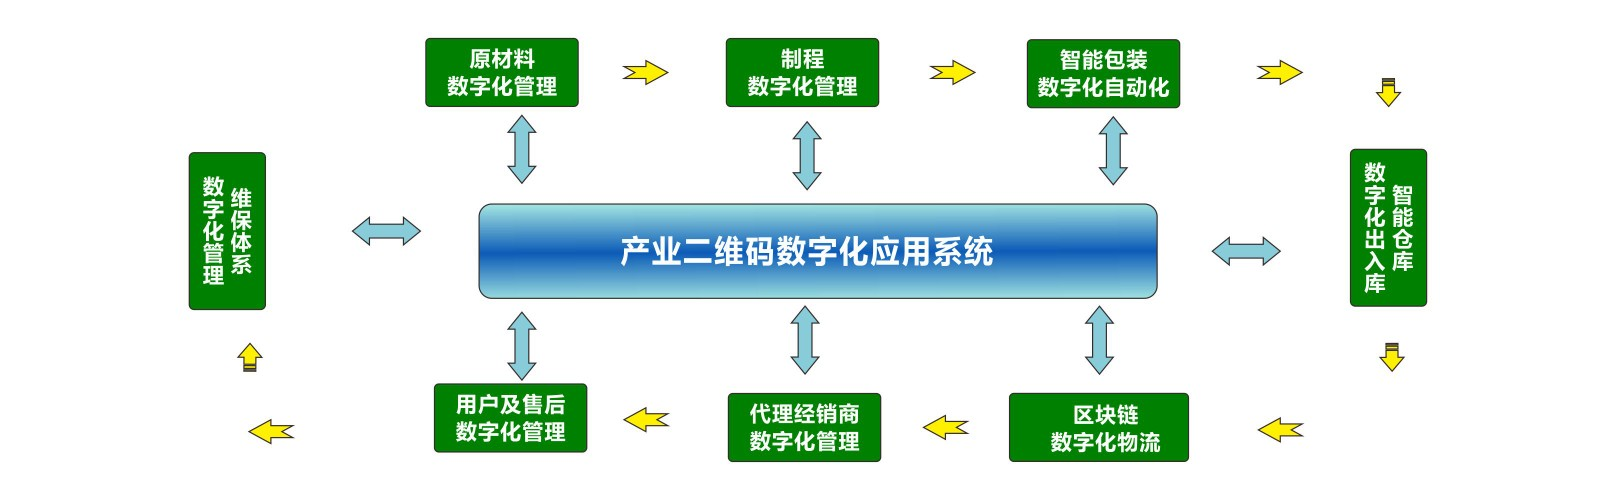 智能二维码溯源系统